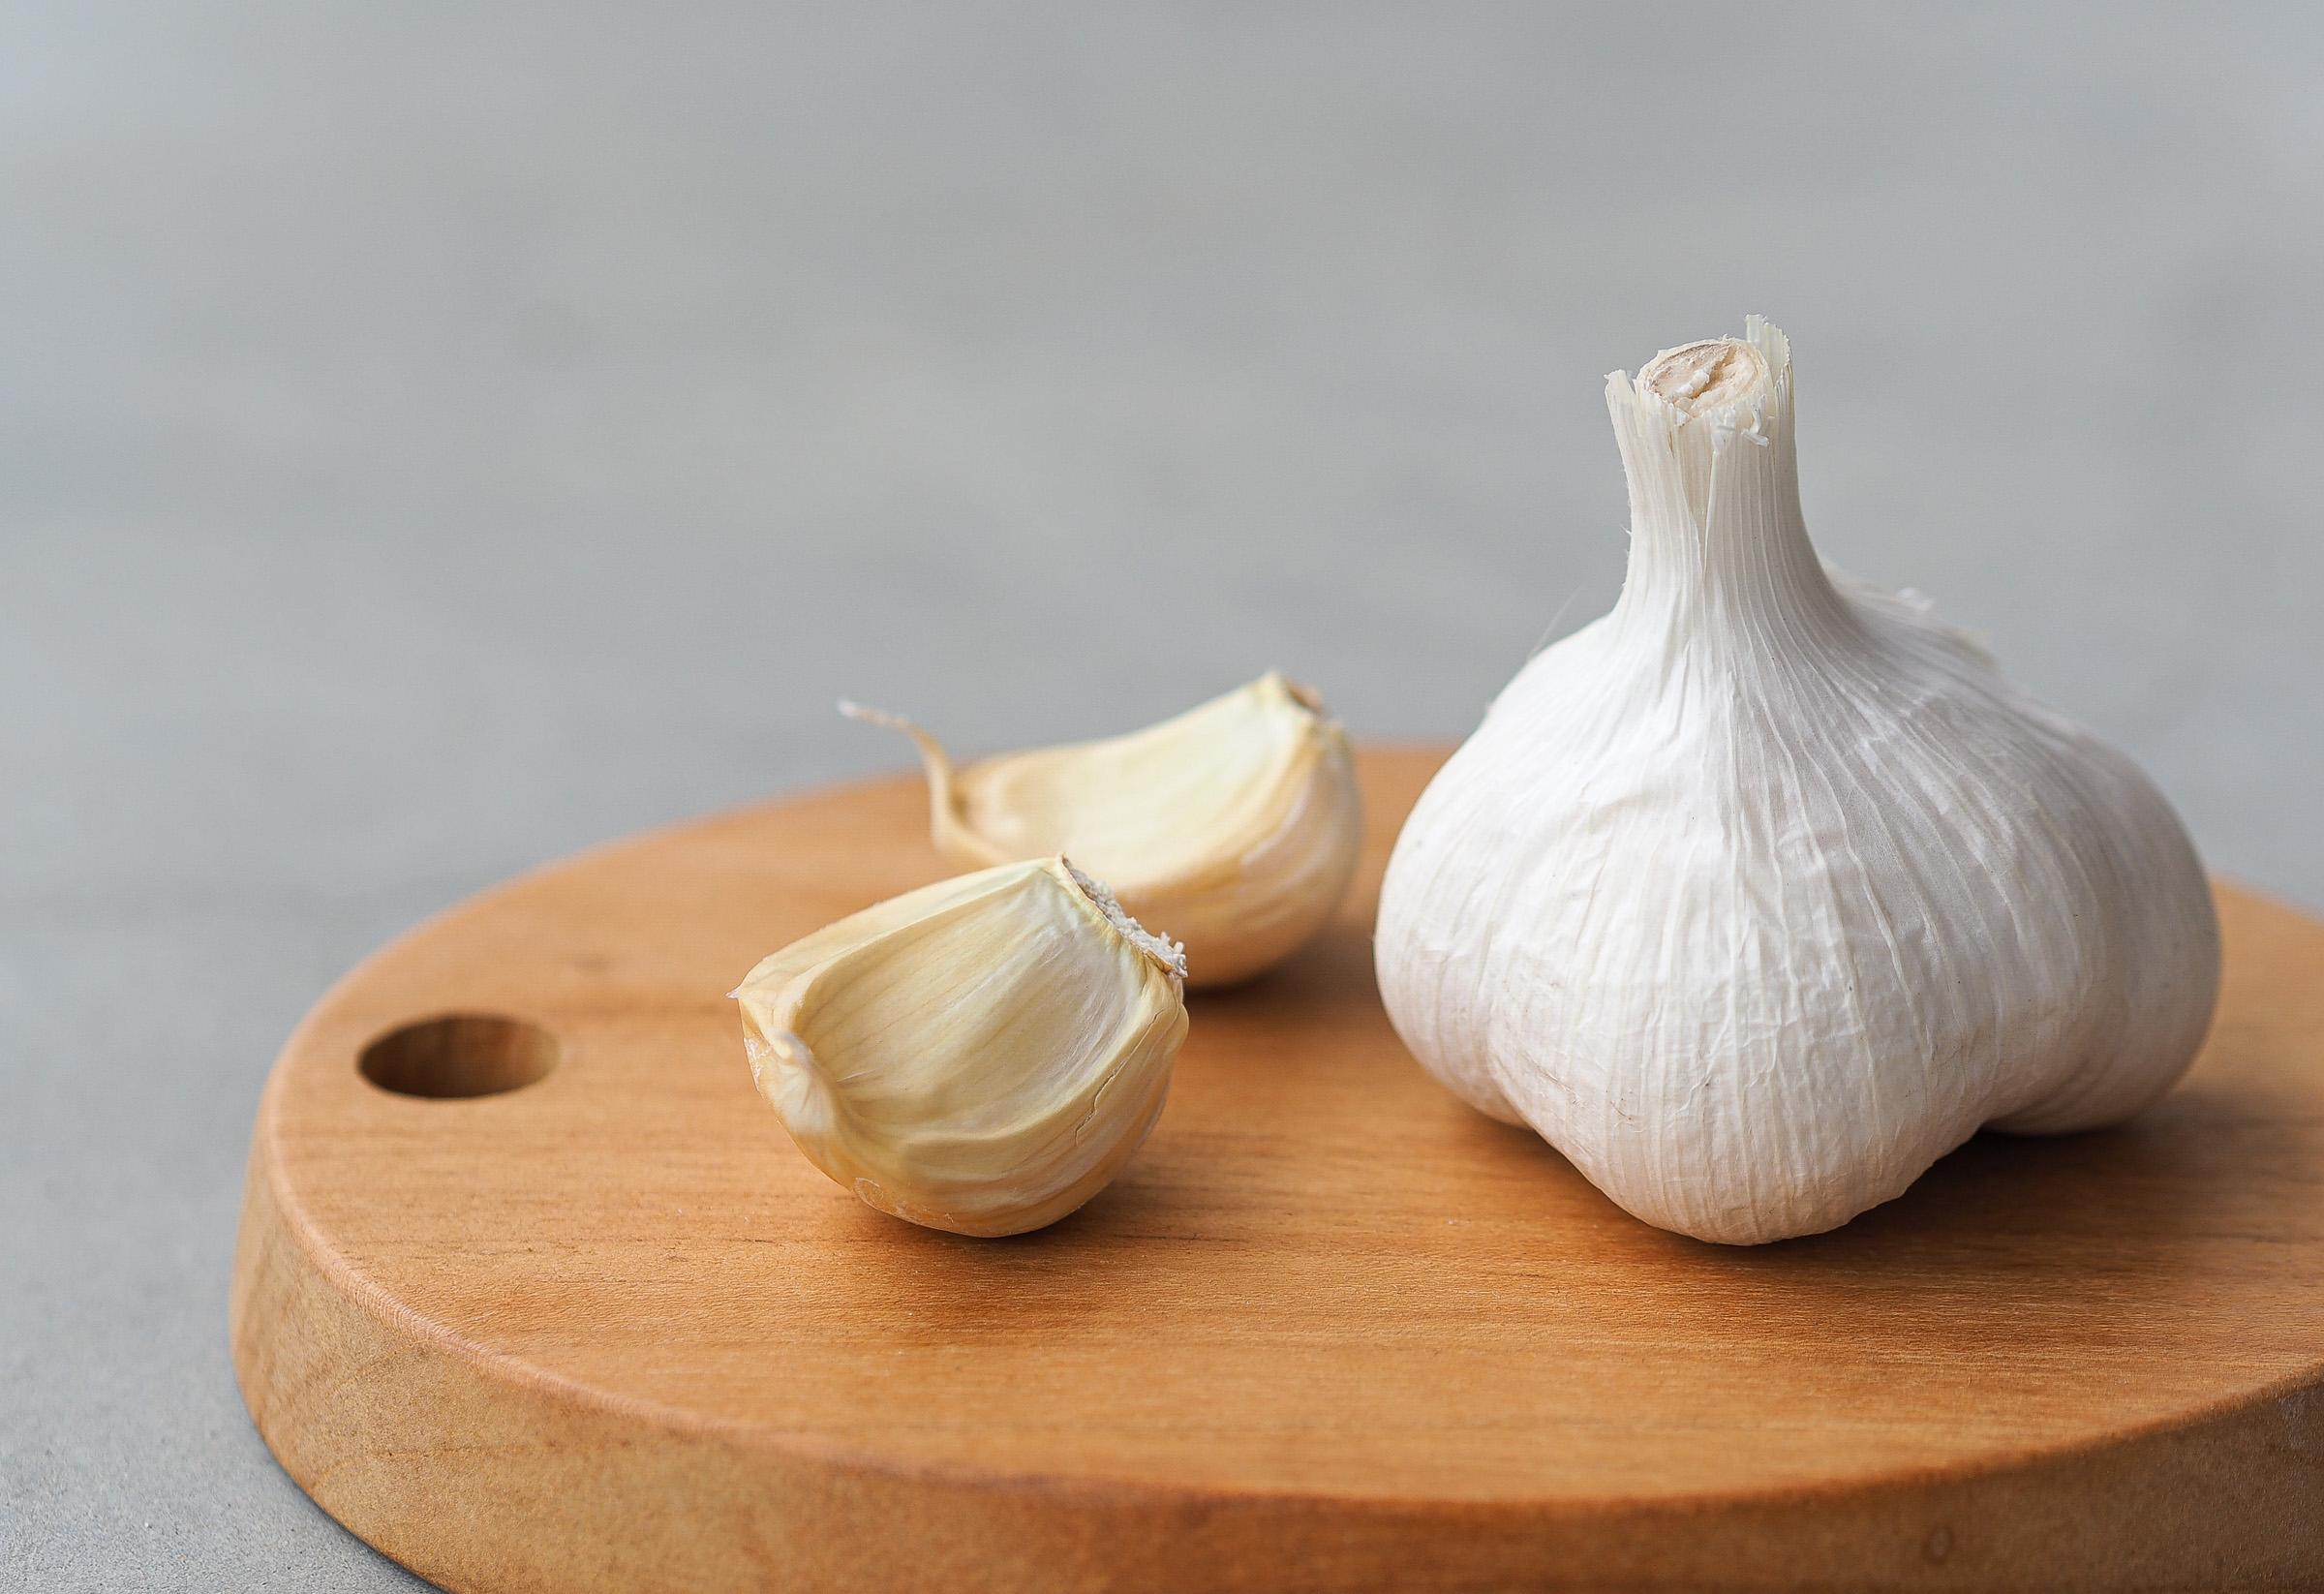 夏バテしないで元気に過ごすためのスタミナ源に、旬のにんにくを使った常備菜を作ってみましょう。